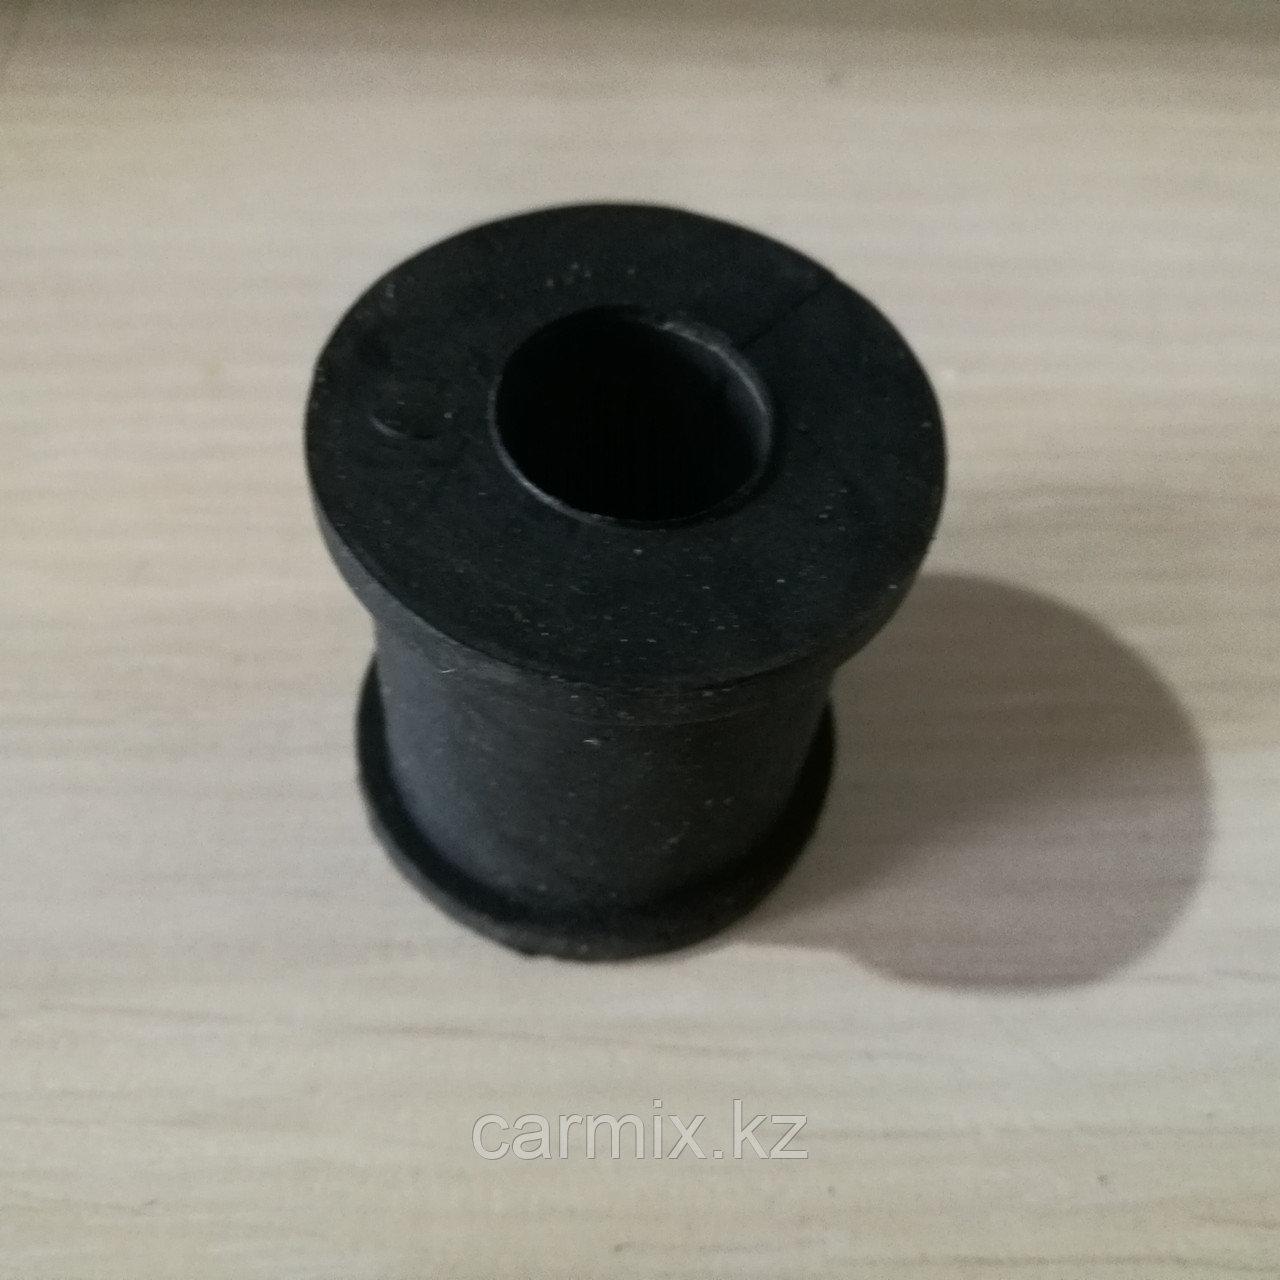 Втулка стабилизатора заднего Caldina / Mar k II /Camry/Corona/Carina d-15mm